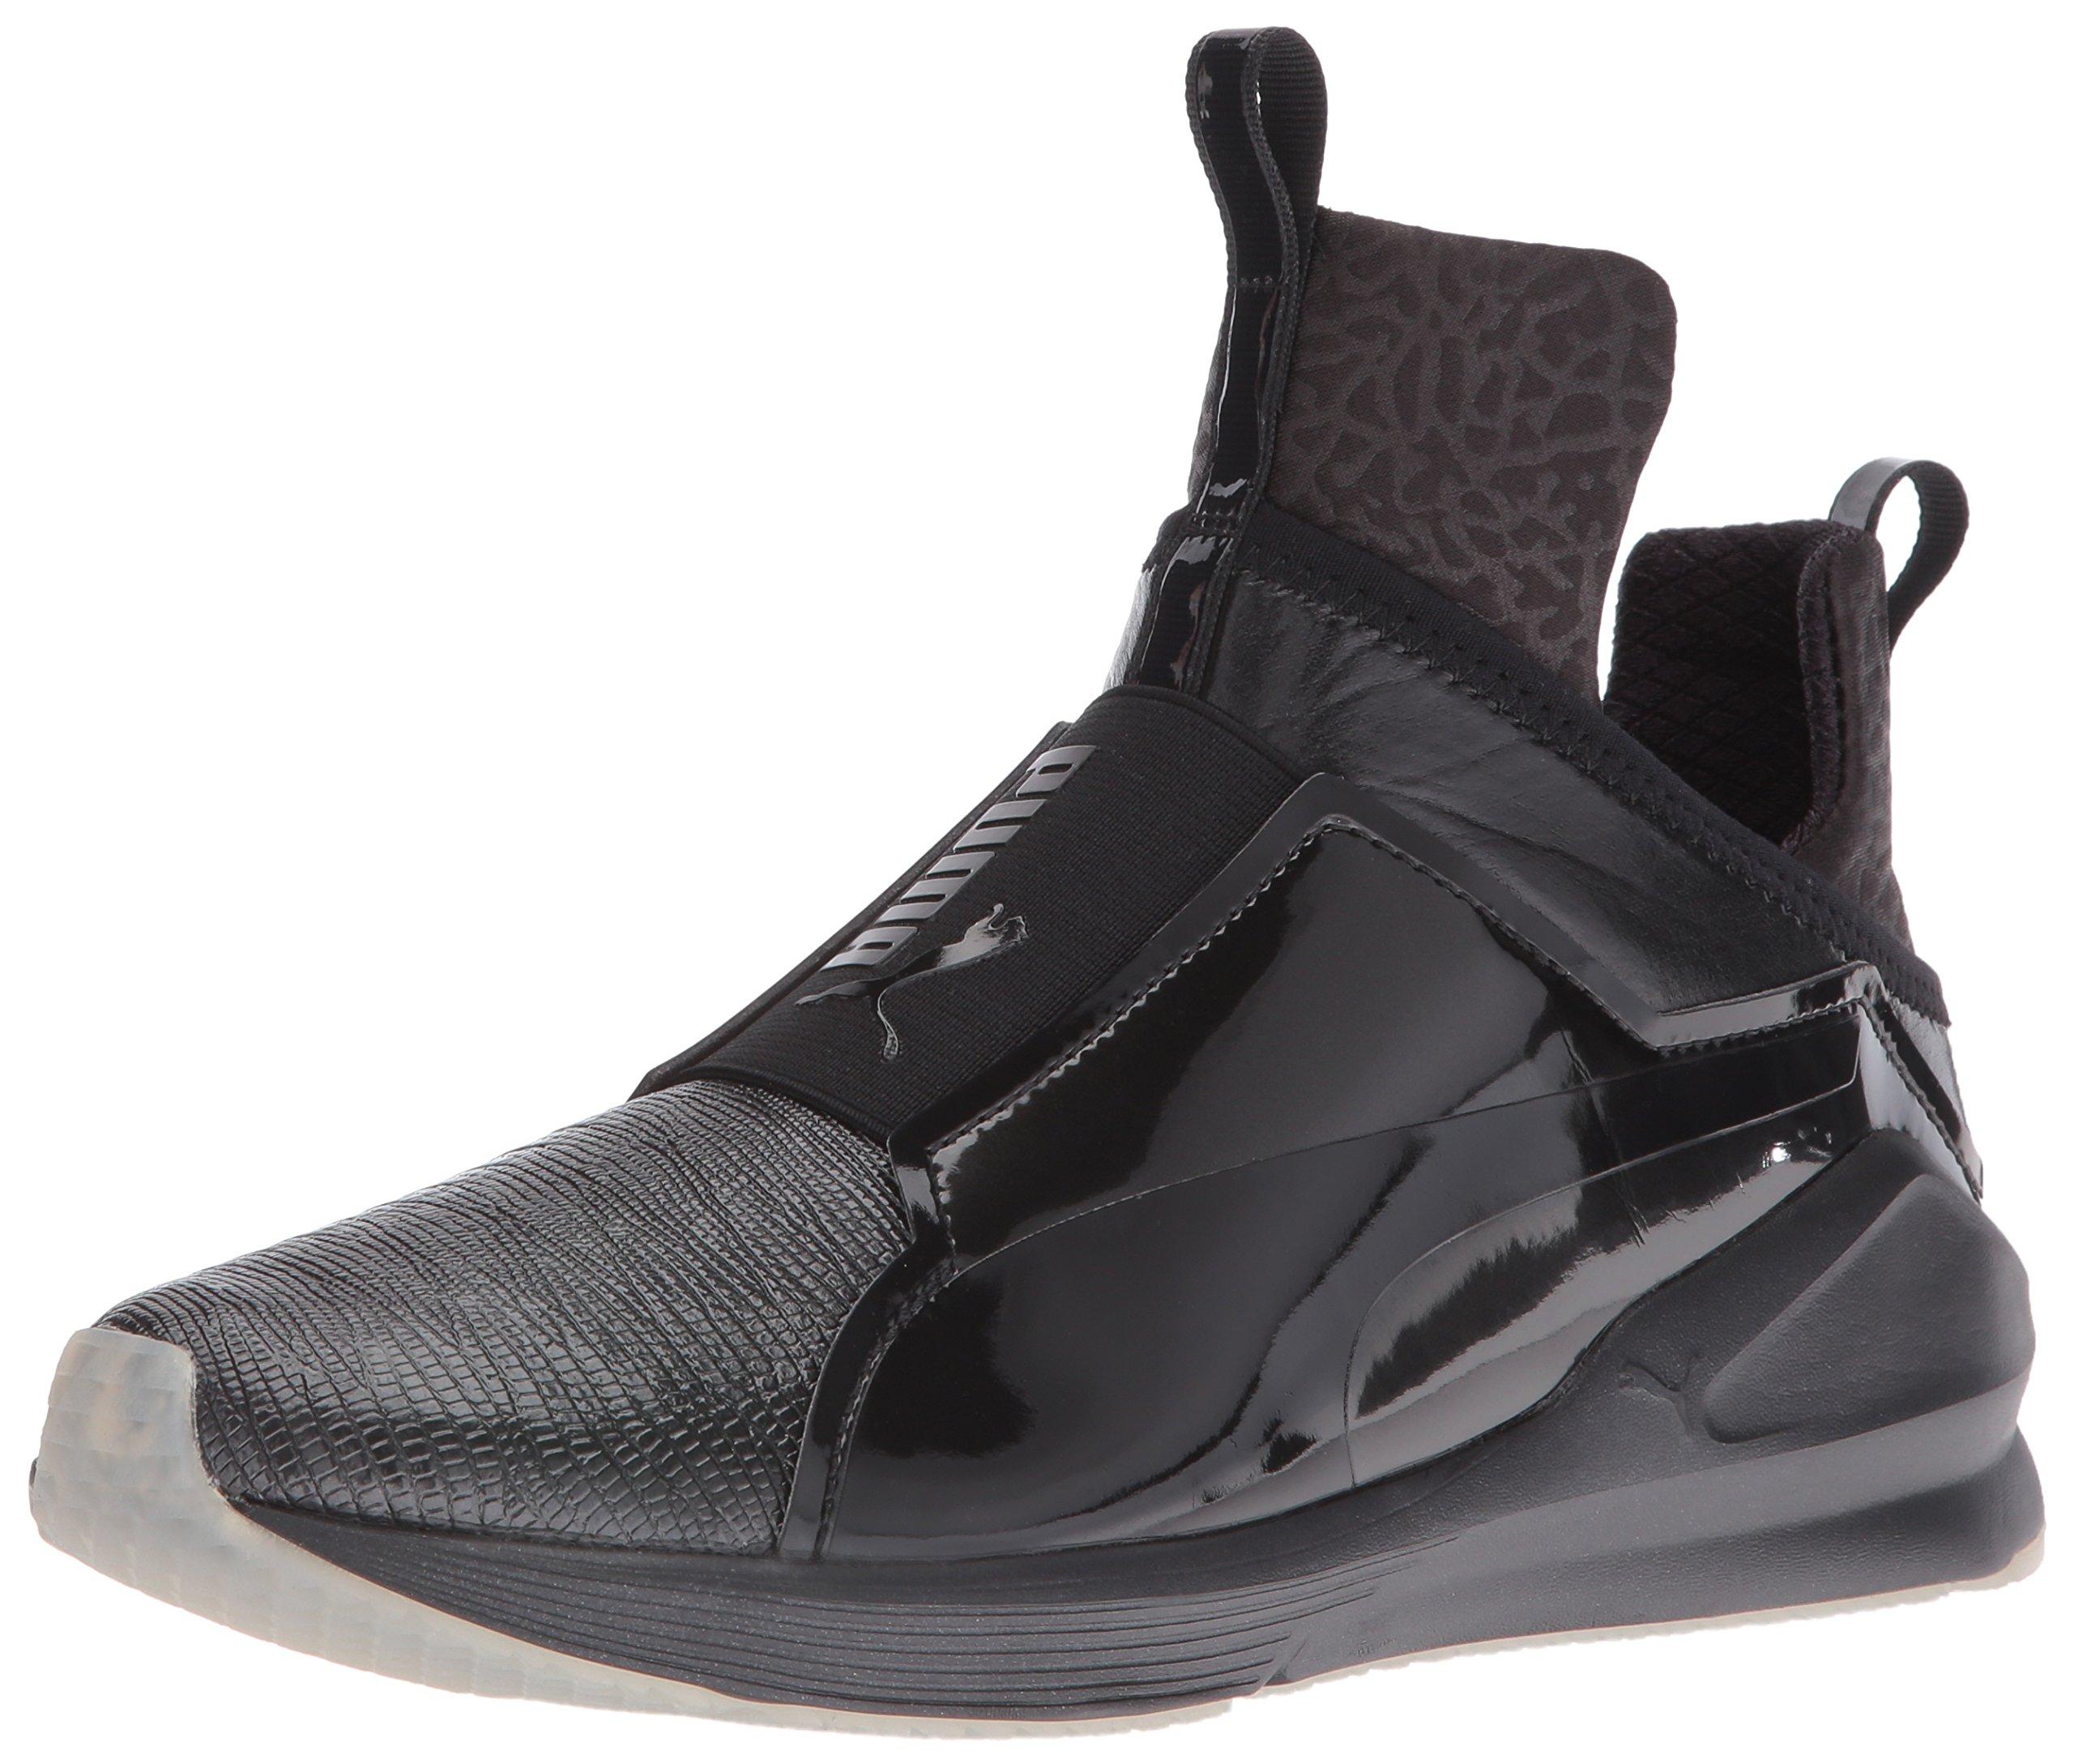 PUMA Women's Fierce Metallic Cross-Trainer Shoe, Black, 7.5 M US